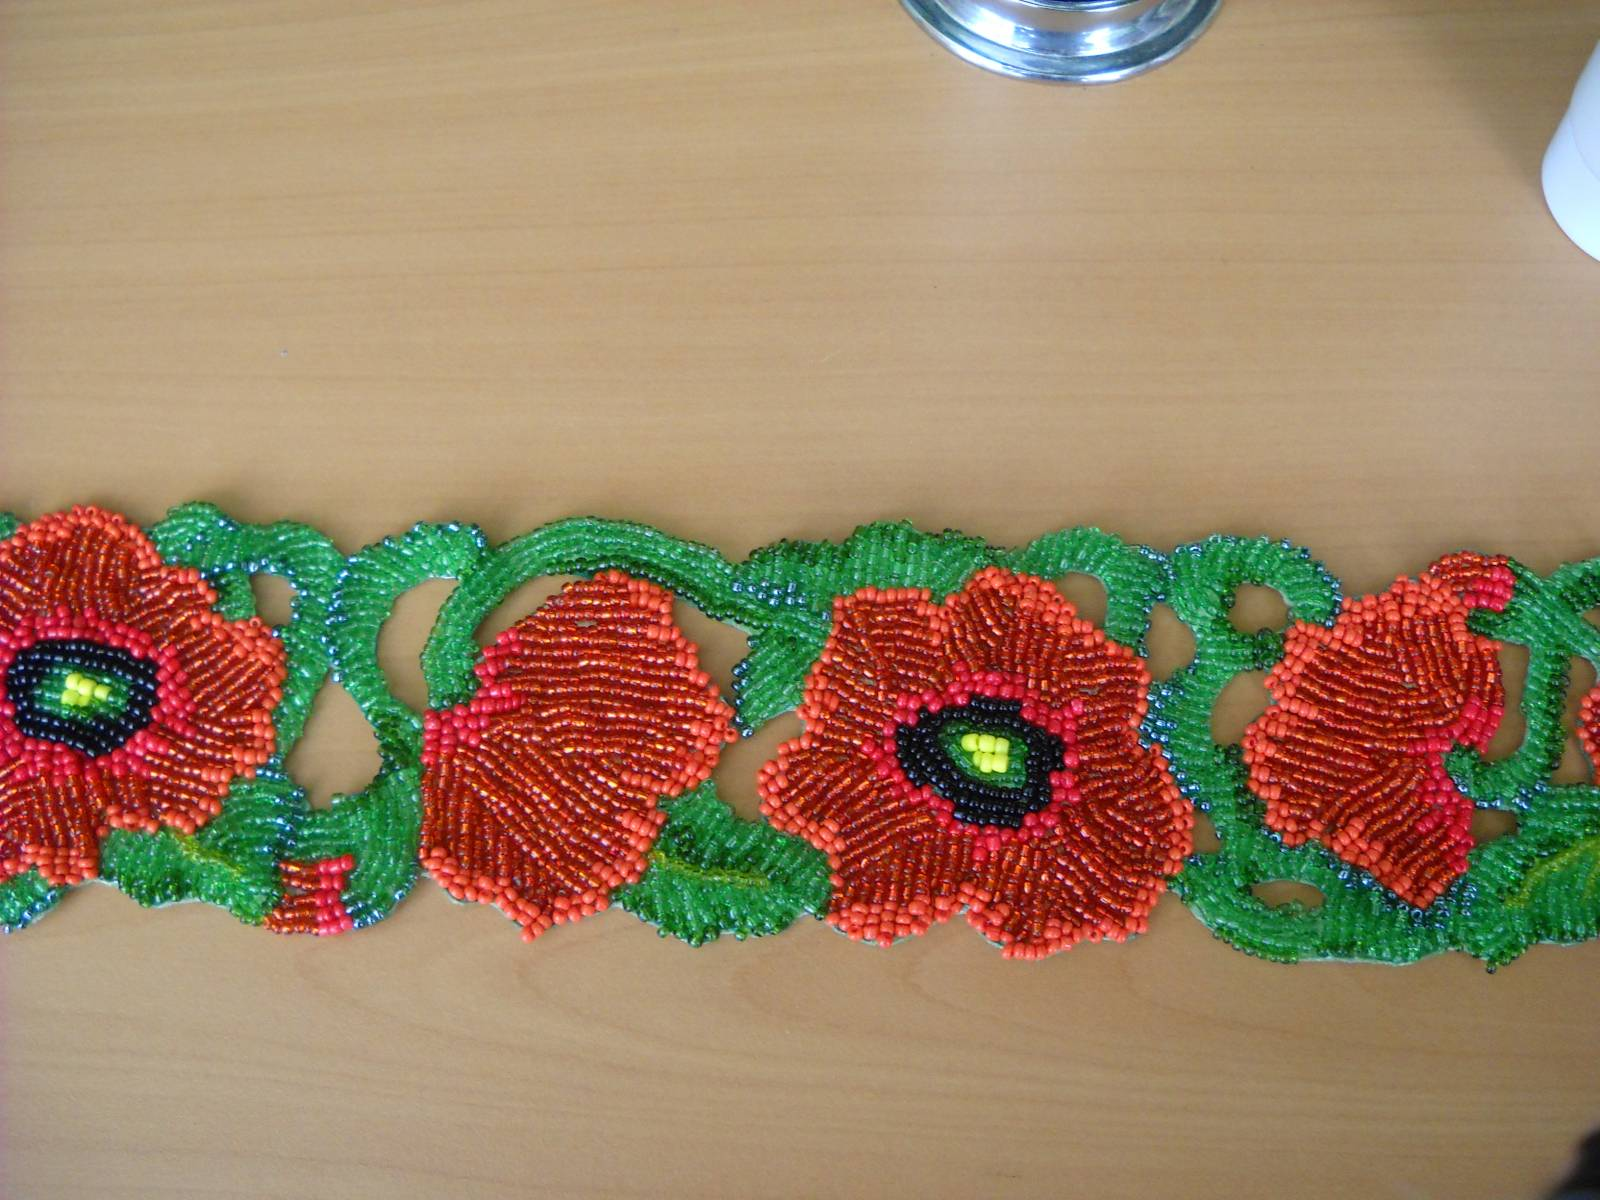 Вышивка бисером. Купить набор для вышивки бисером в Минске 54